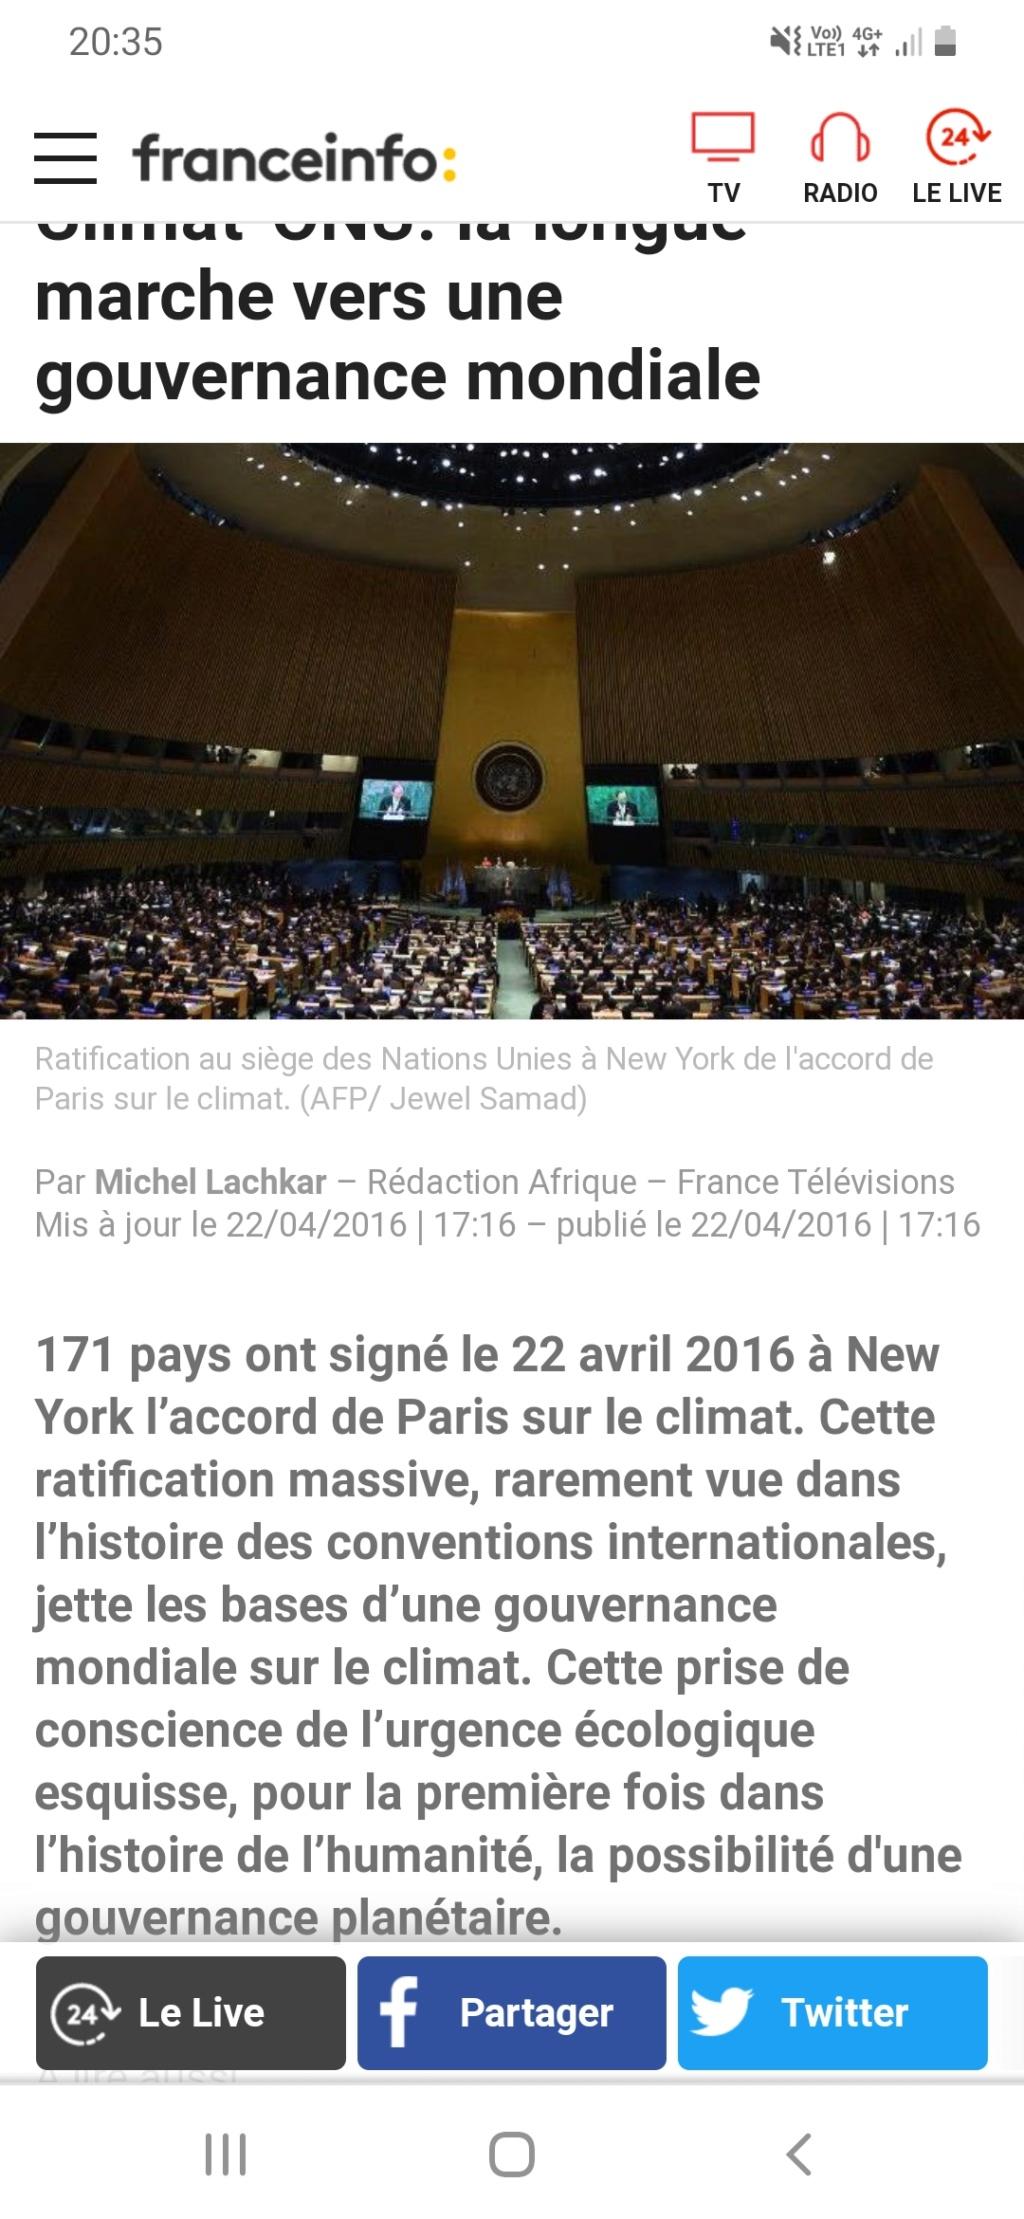 Théorie du complot: Le mondialisme  - Page 2 Screen28